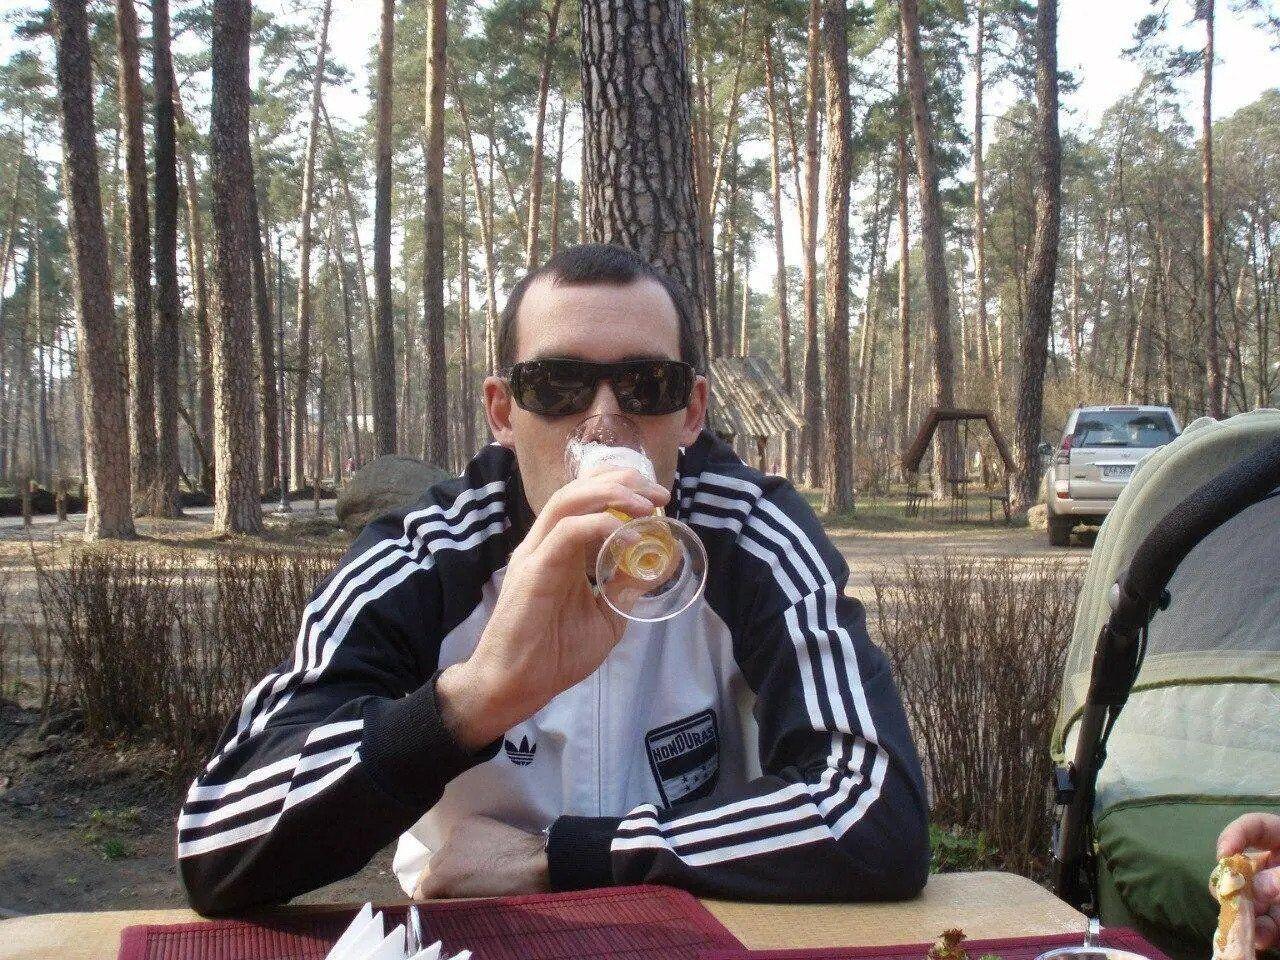 Антон Желепа совершил смертельное ДТП в Киеве, в котором погибли супруги с двумя детьми